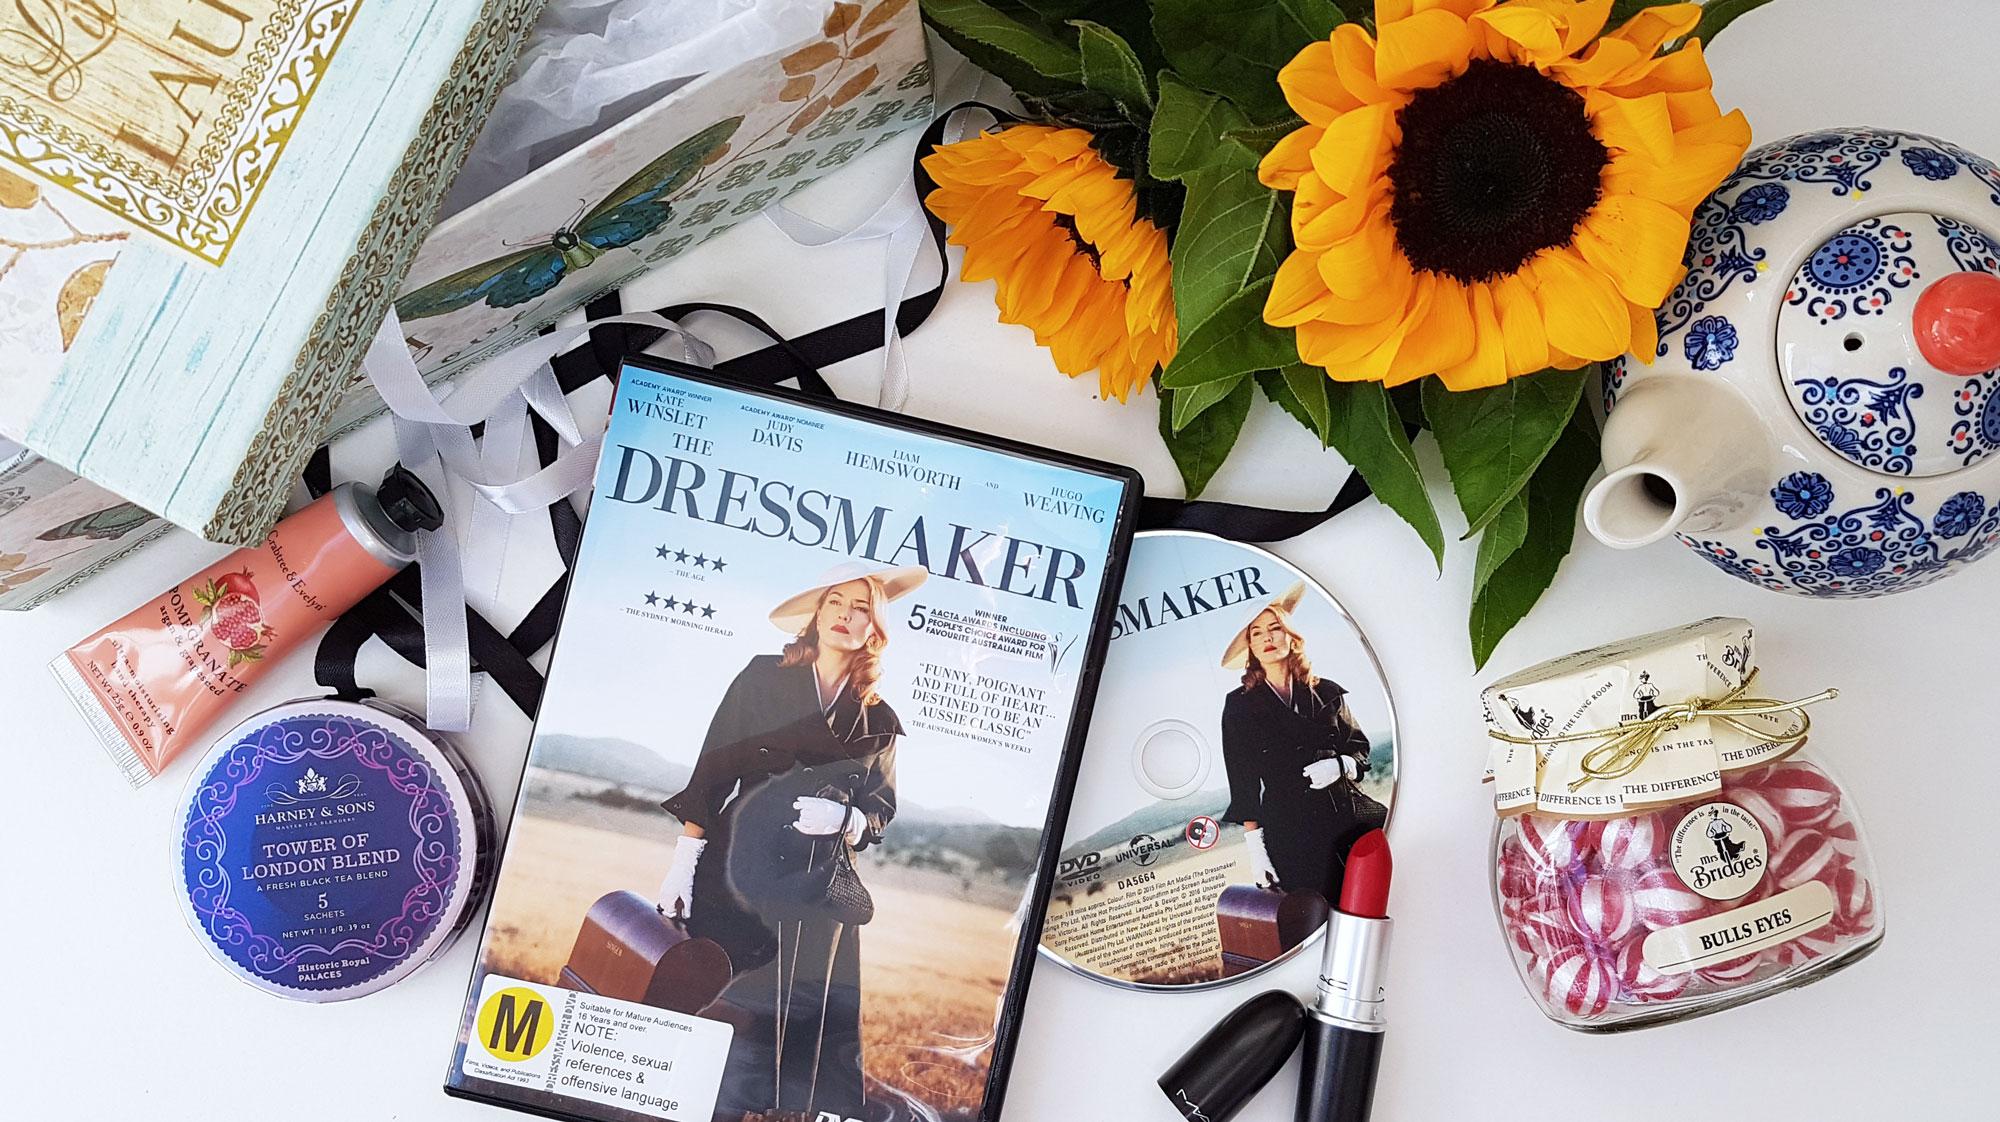 Mother's Day Gift Inspo – Win The Dressmaker on DVD